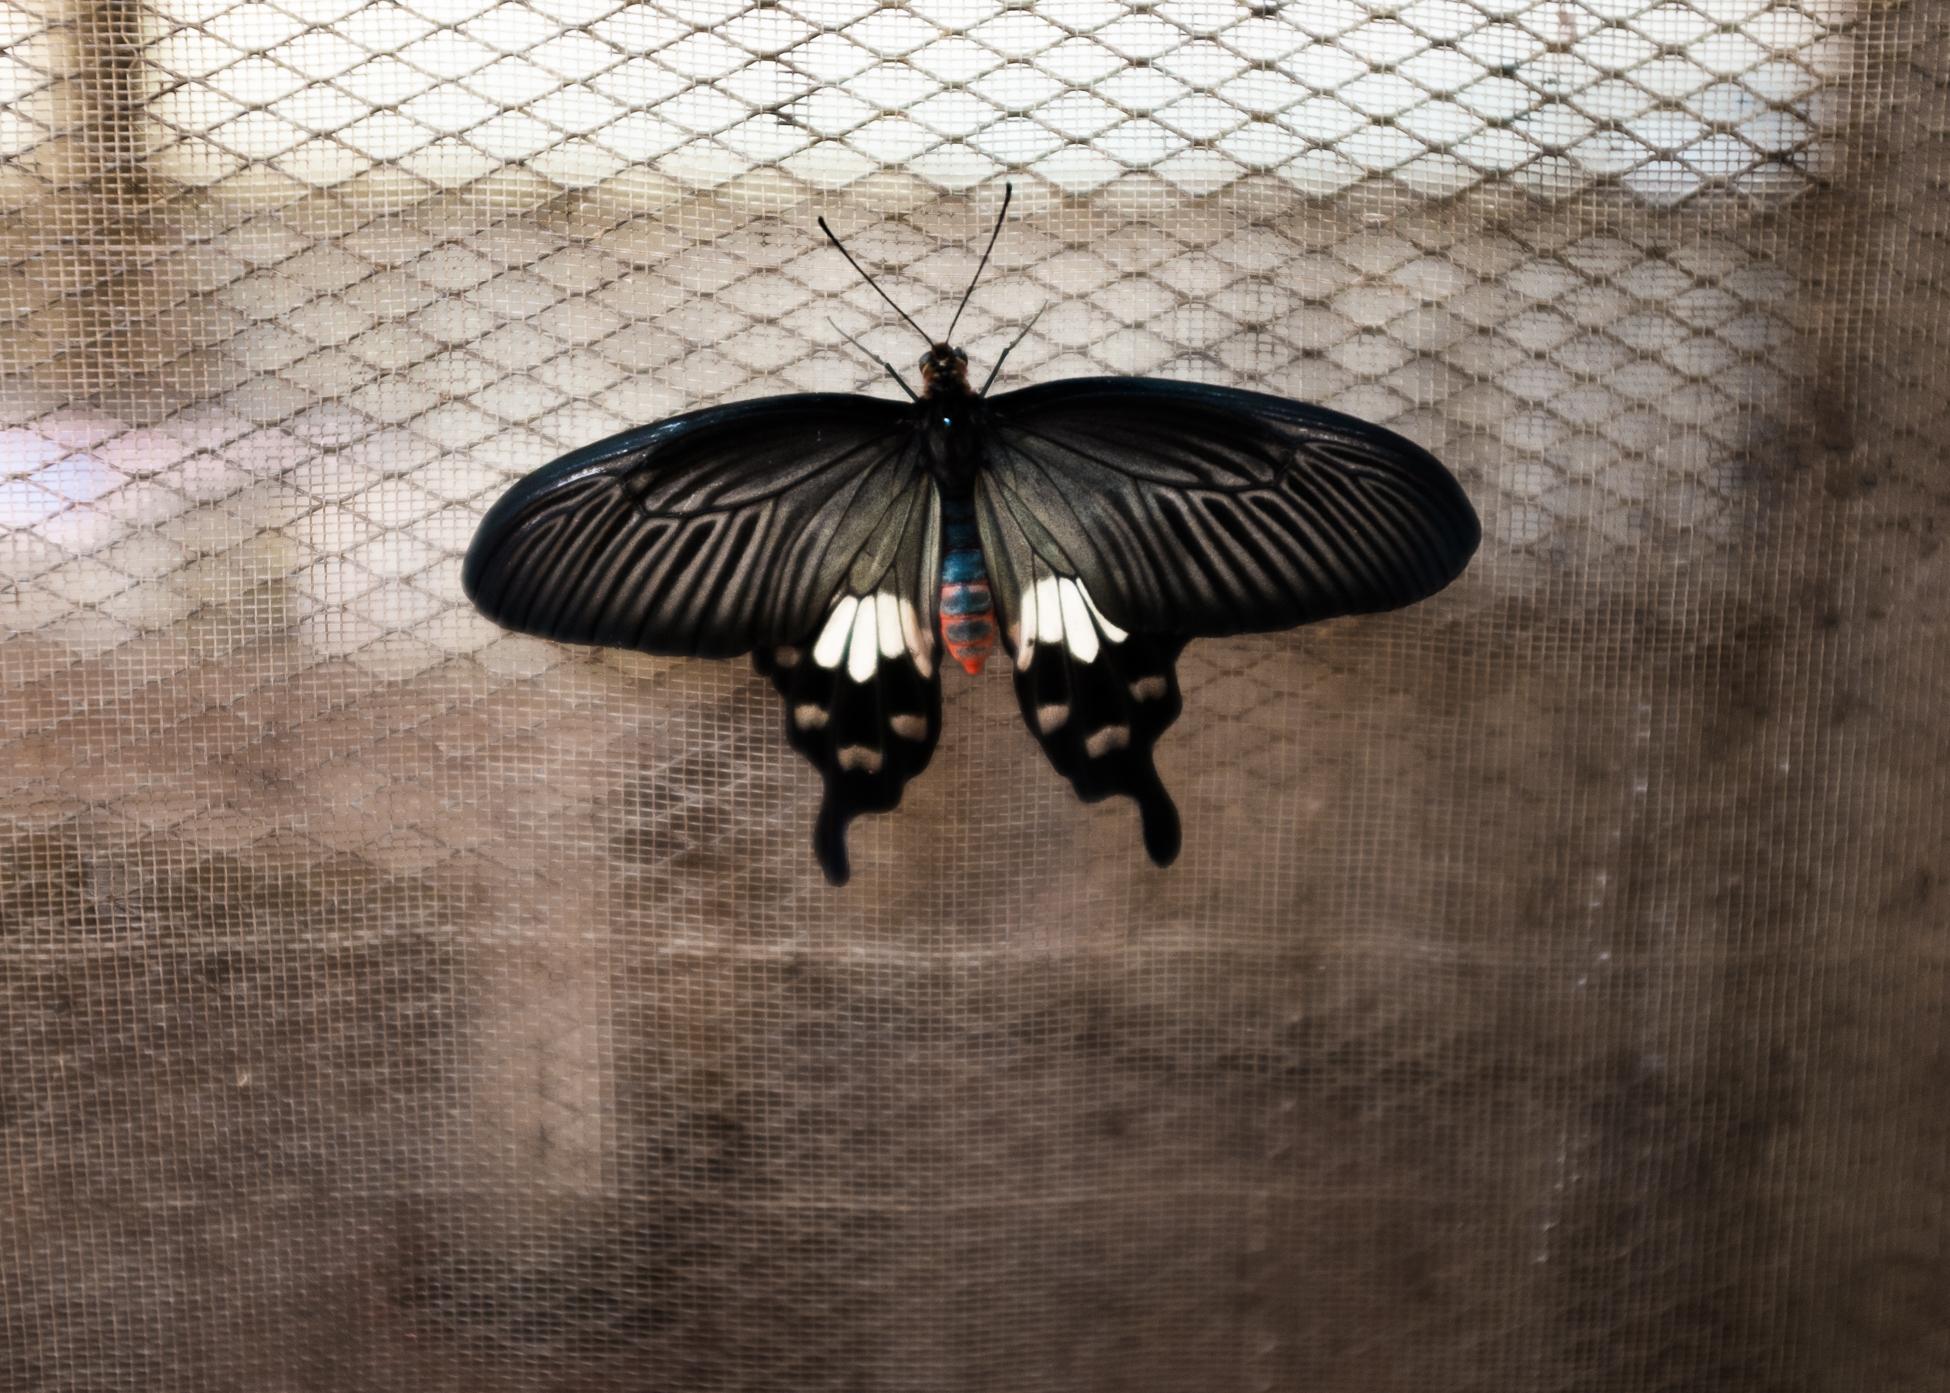 Escape Butterfly, Cambodia, 2015